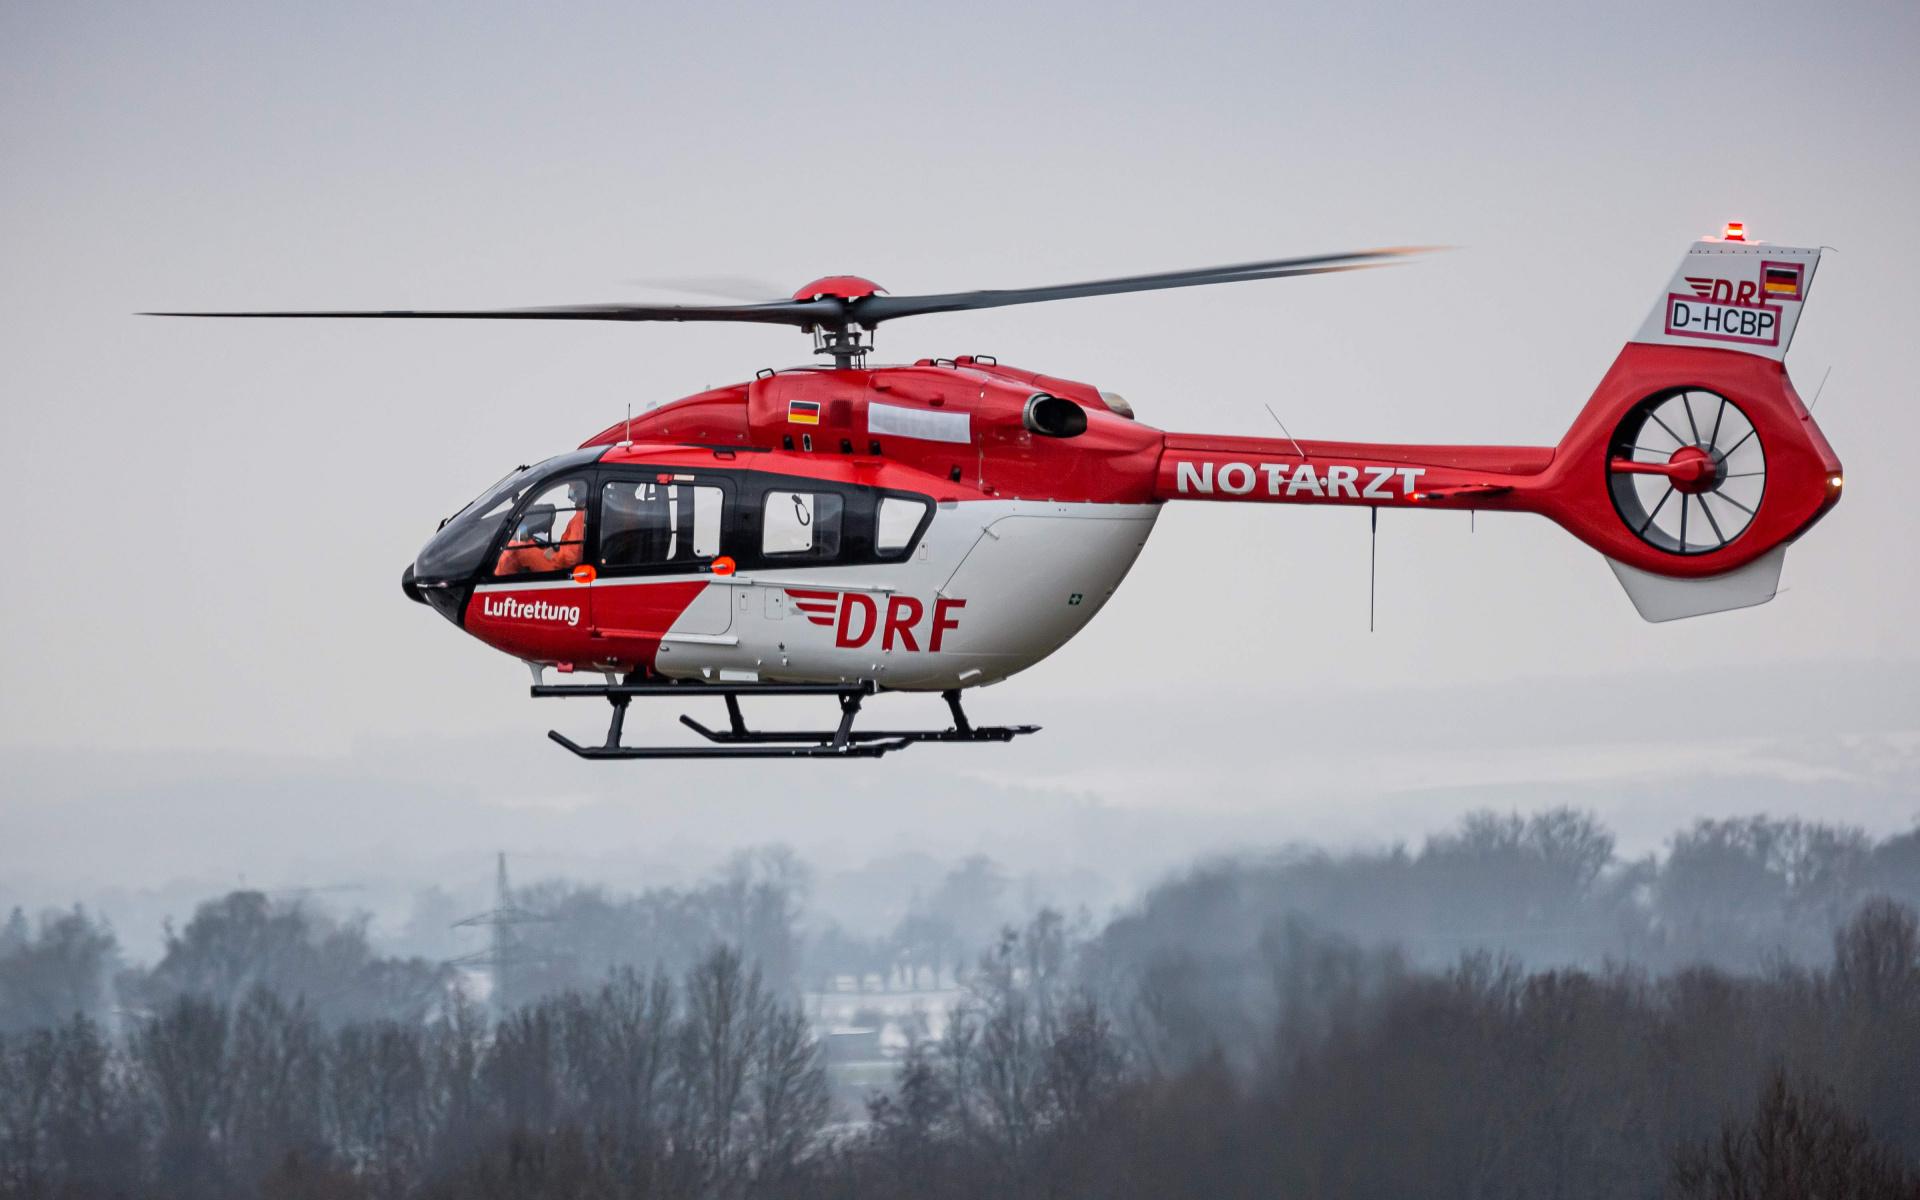 ... auf einen Flug über rund 200 Kilometer in unsere Werft am Operation Center. (Quelle: Airbus Helicopters)